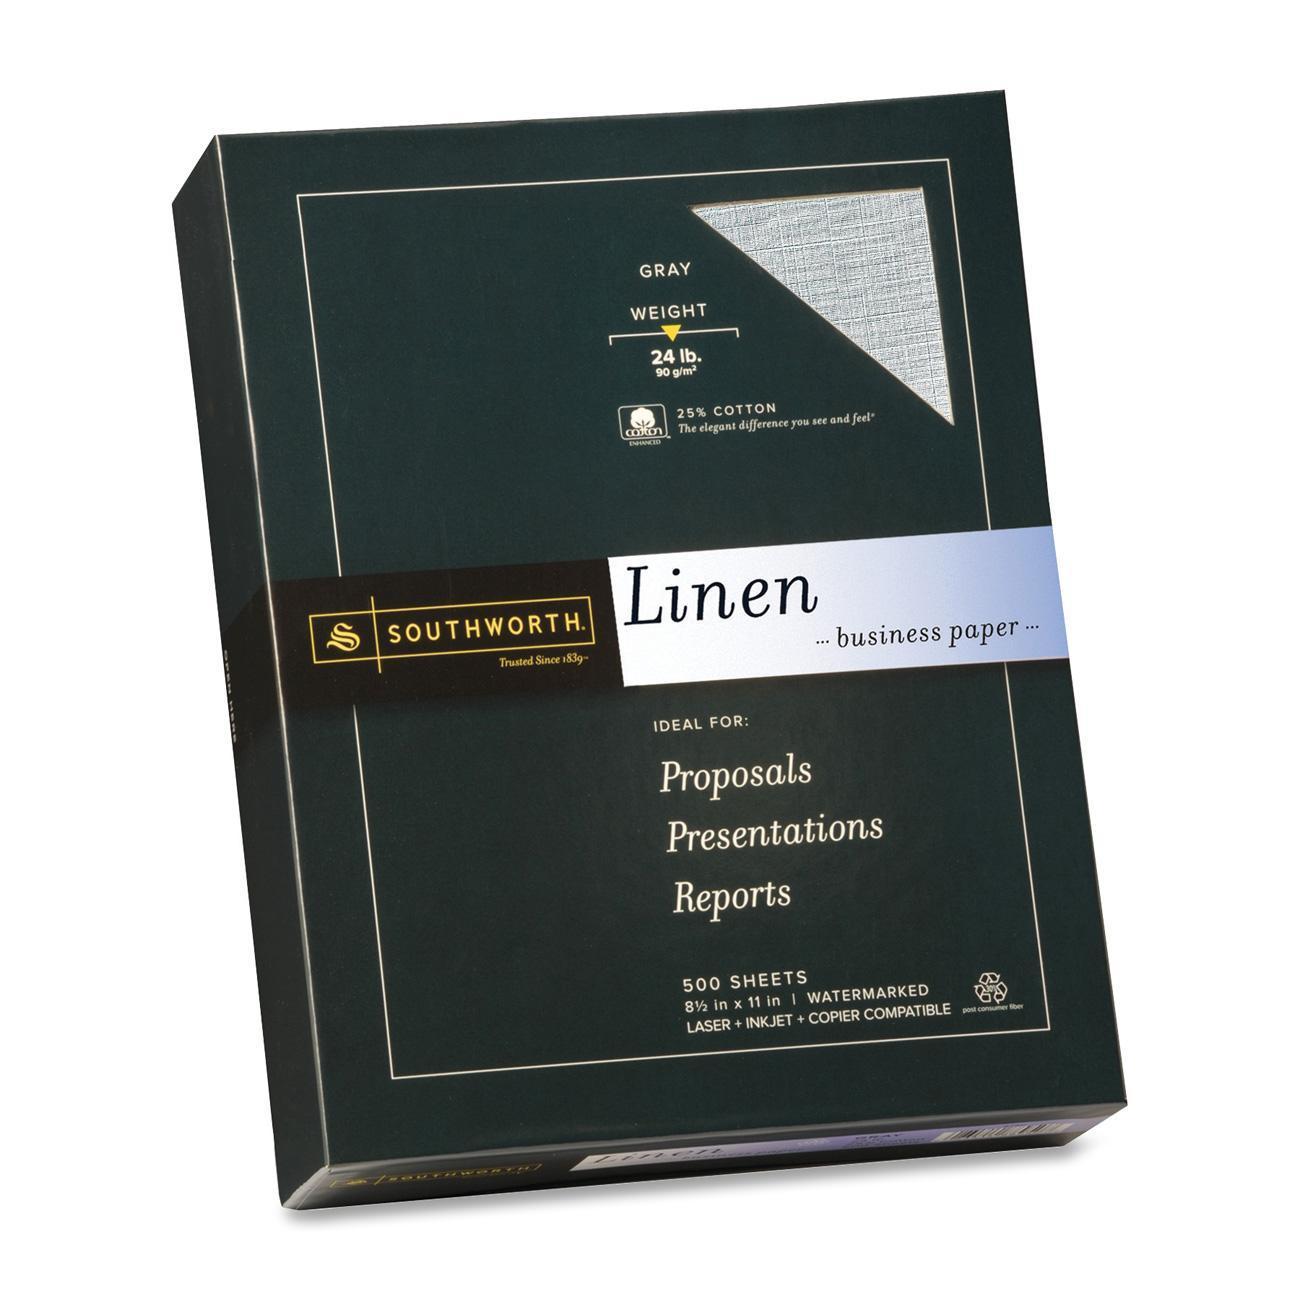 Southworth, SOU574C, 25% Cotton Business Paper, 500 / Box, Gray